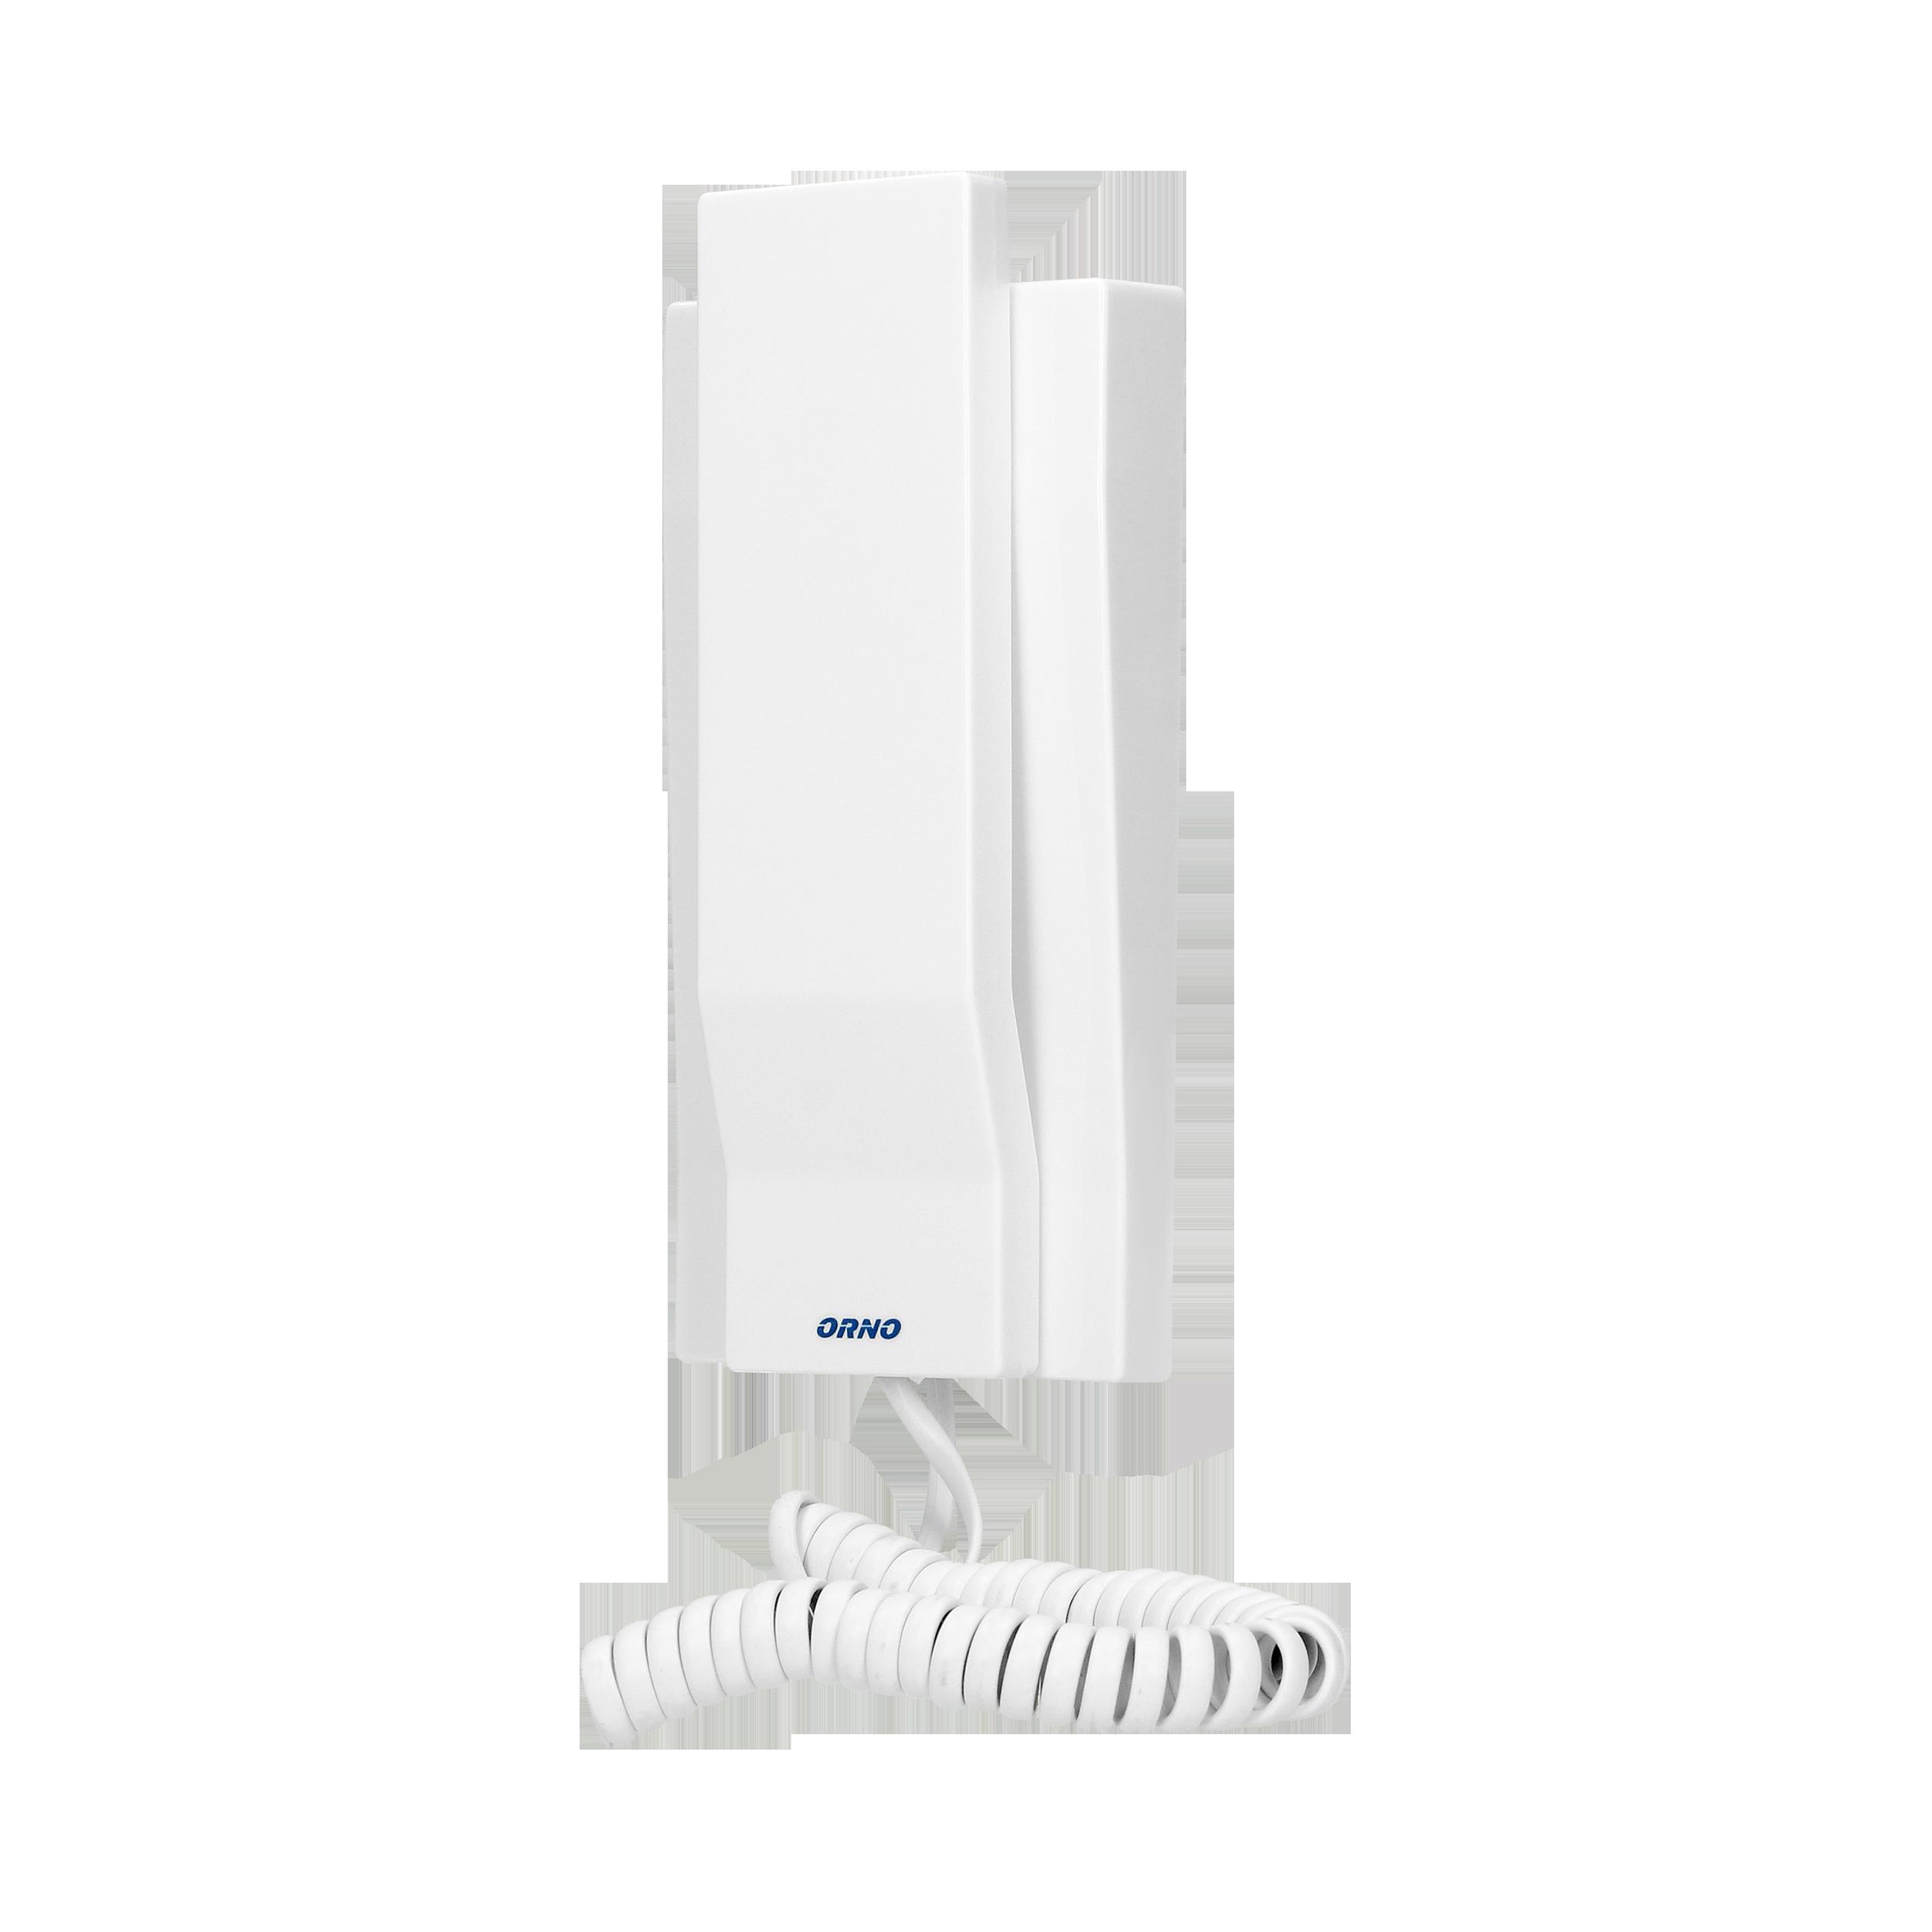 Unifon domofonowy MIZAR, biały